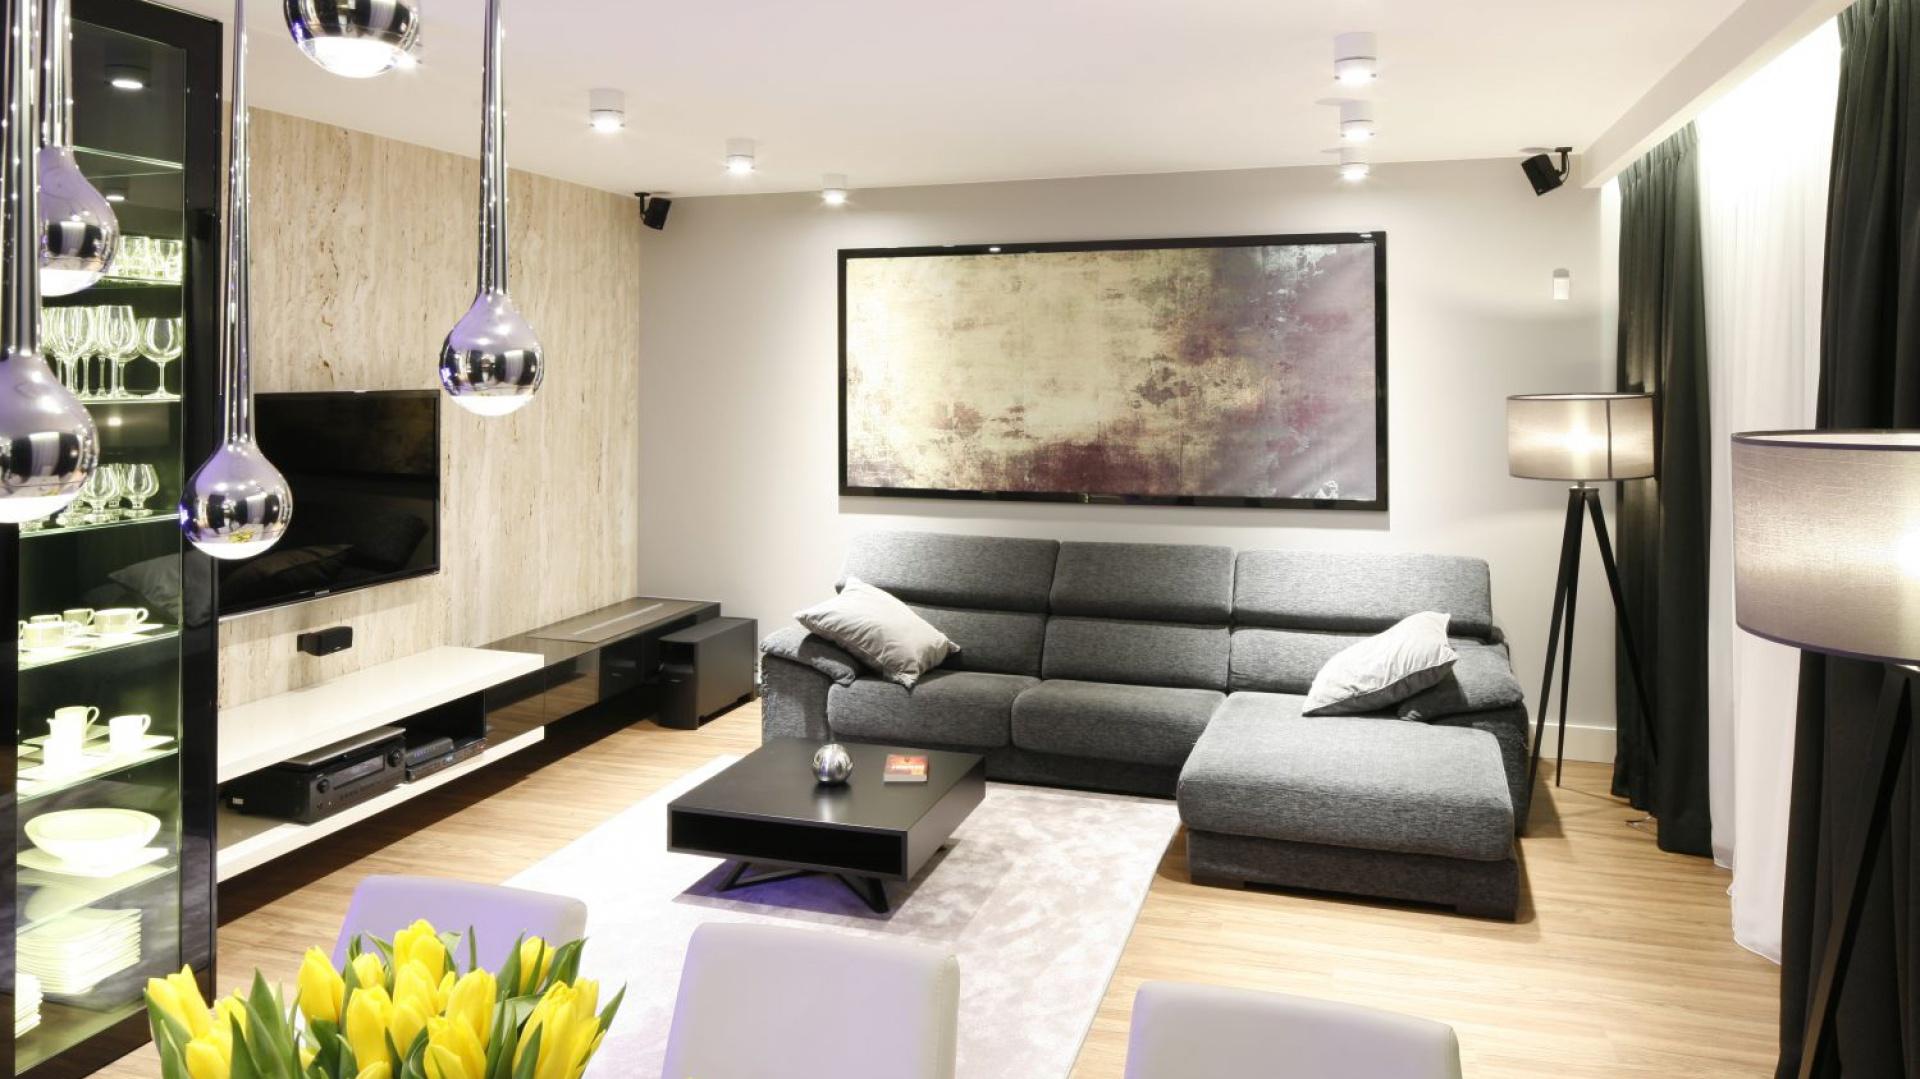 W eleganckim wn trzu nowoczesny salon wybierz for Oswietlenie w salonie